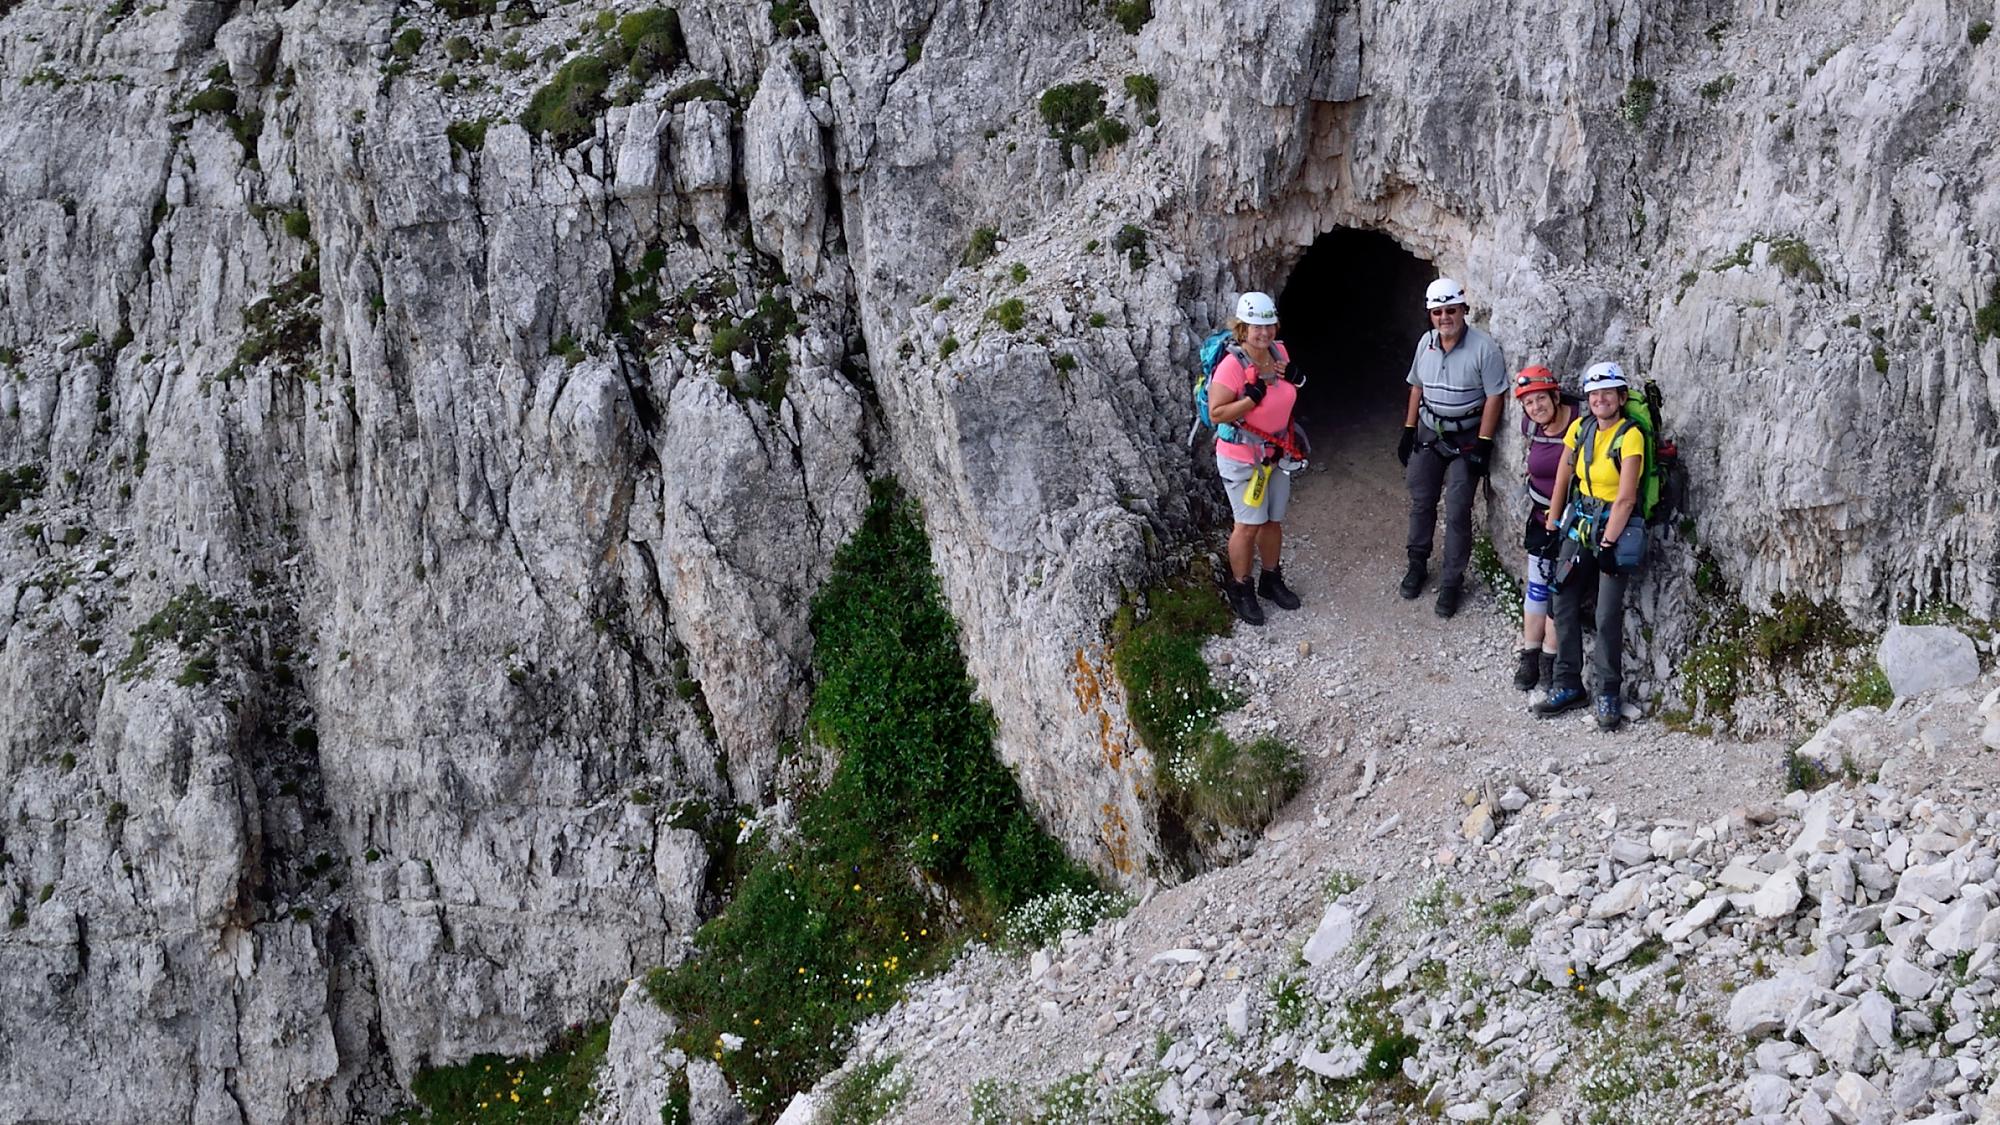 Klettersteig Paternkofel : Klettersteig paternkofel youtube